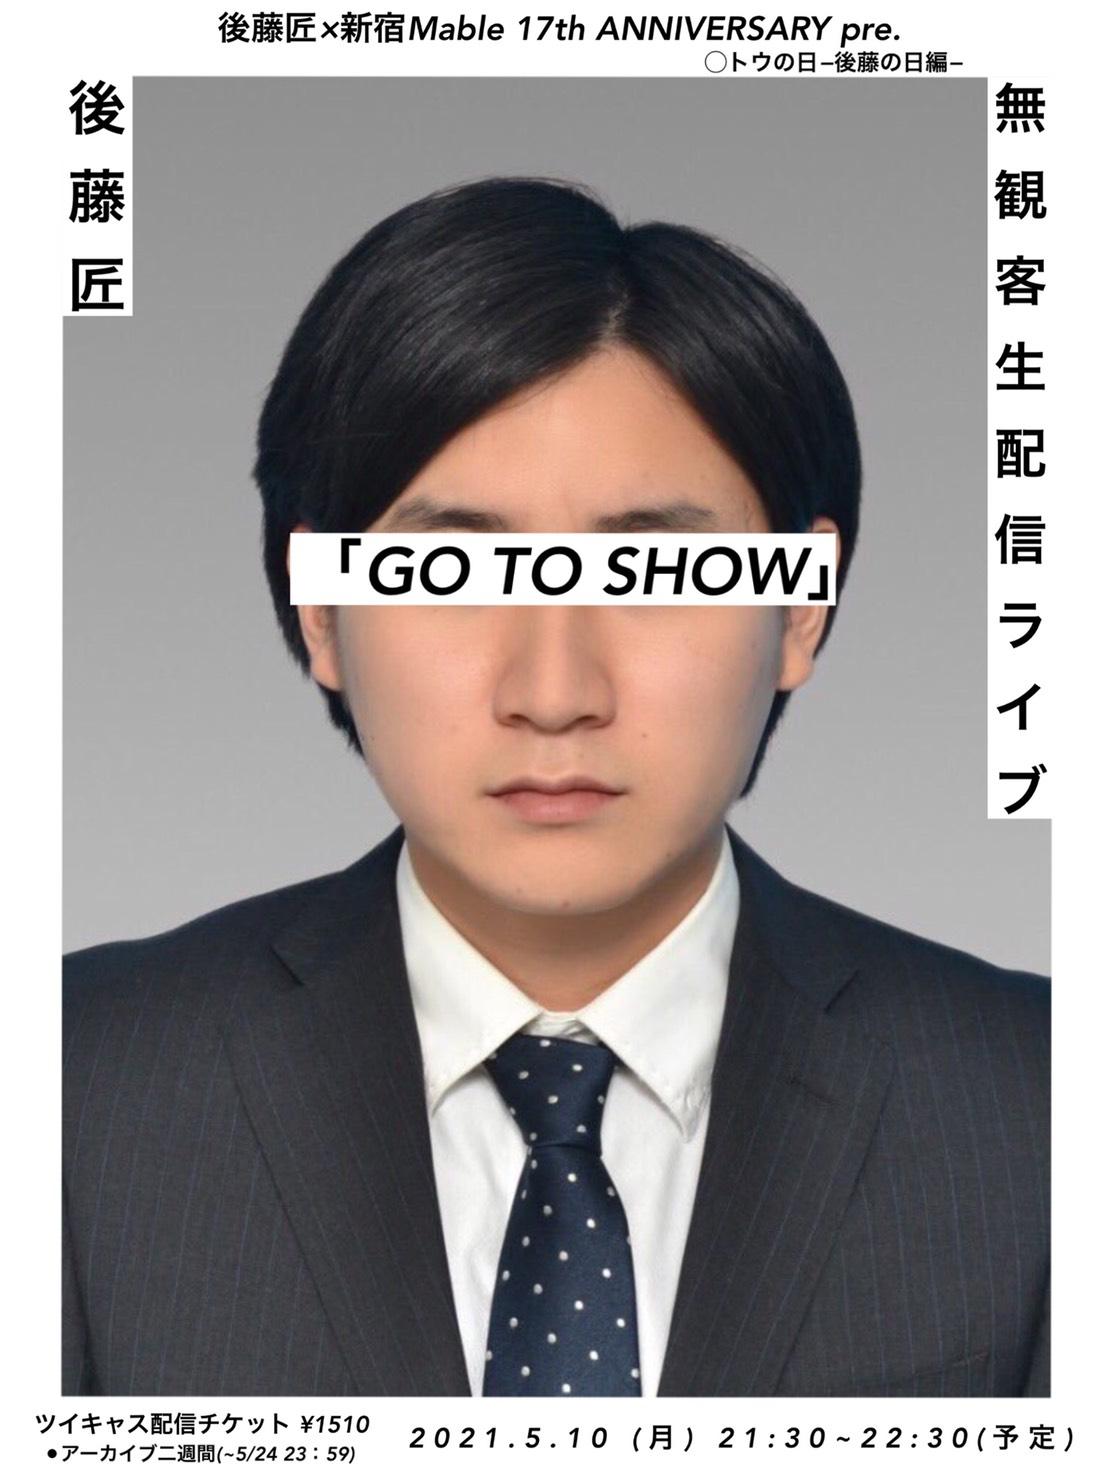 【無観客配信ライブ】後藤匠×Marble 17th ANNIVERSARY pre.◯トウの日-後藤の日編-「GO TO SHOW」